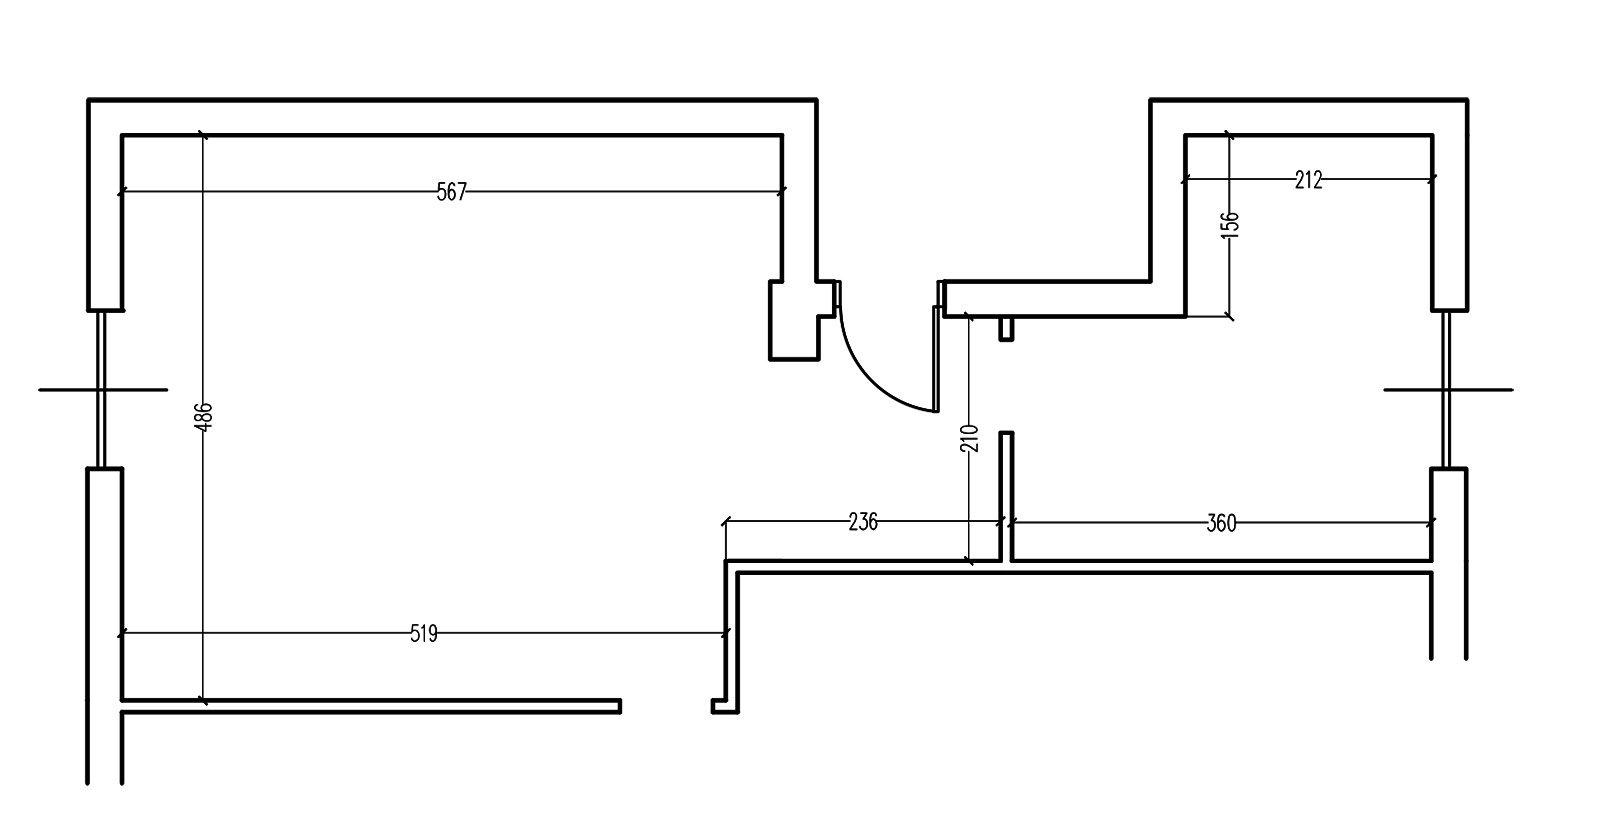 Immagine di planimetrie with planimetria casa for Miglior design della planimetria